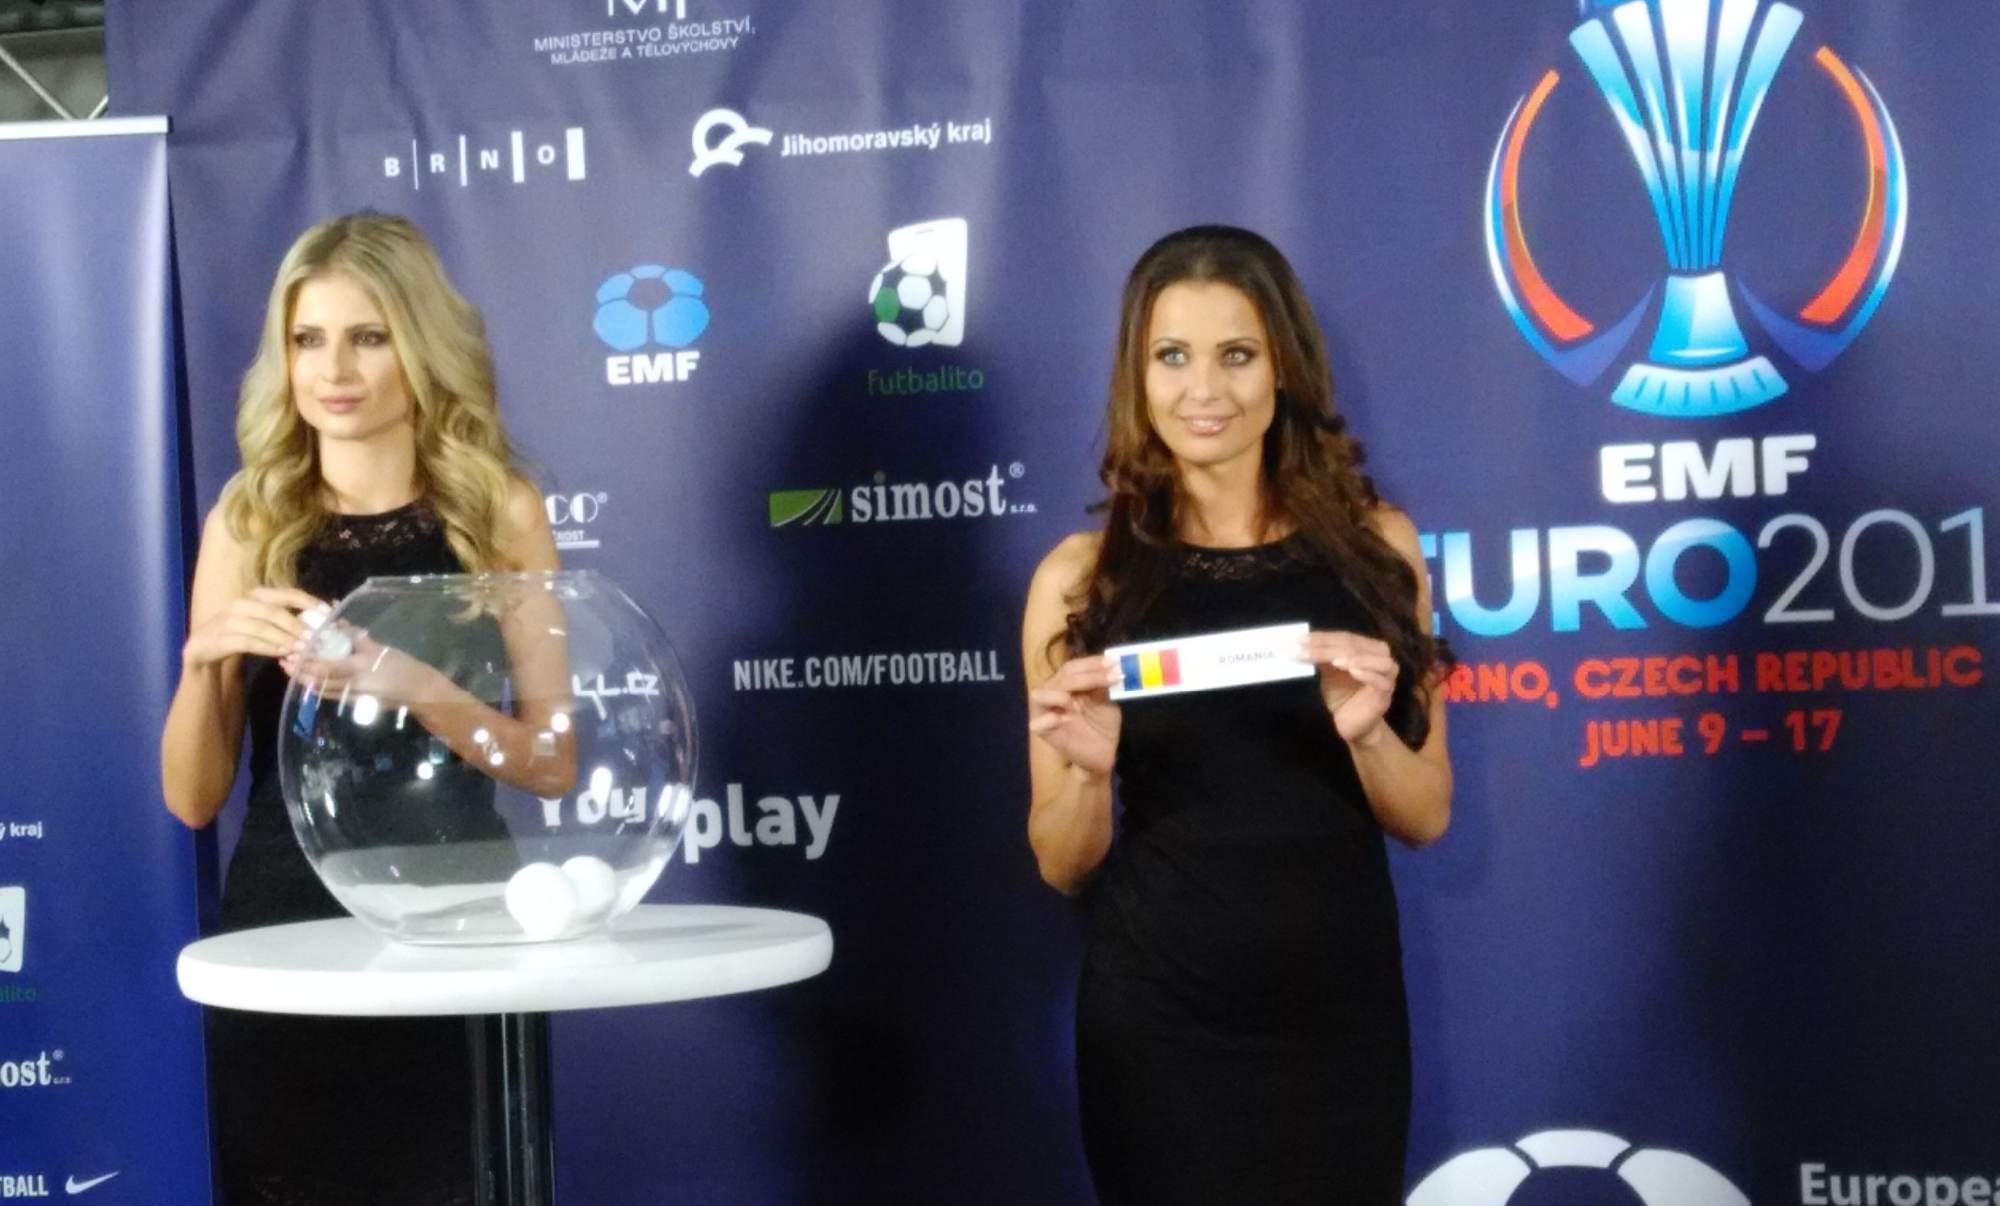 Slečny vylosovaly jednoho z favoritů turnaje Rumunsko. Foto: Radek Krajči